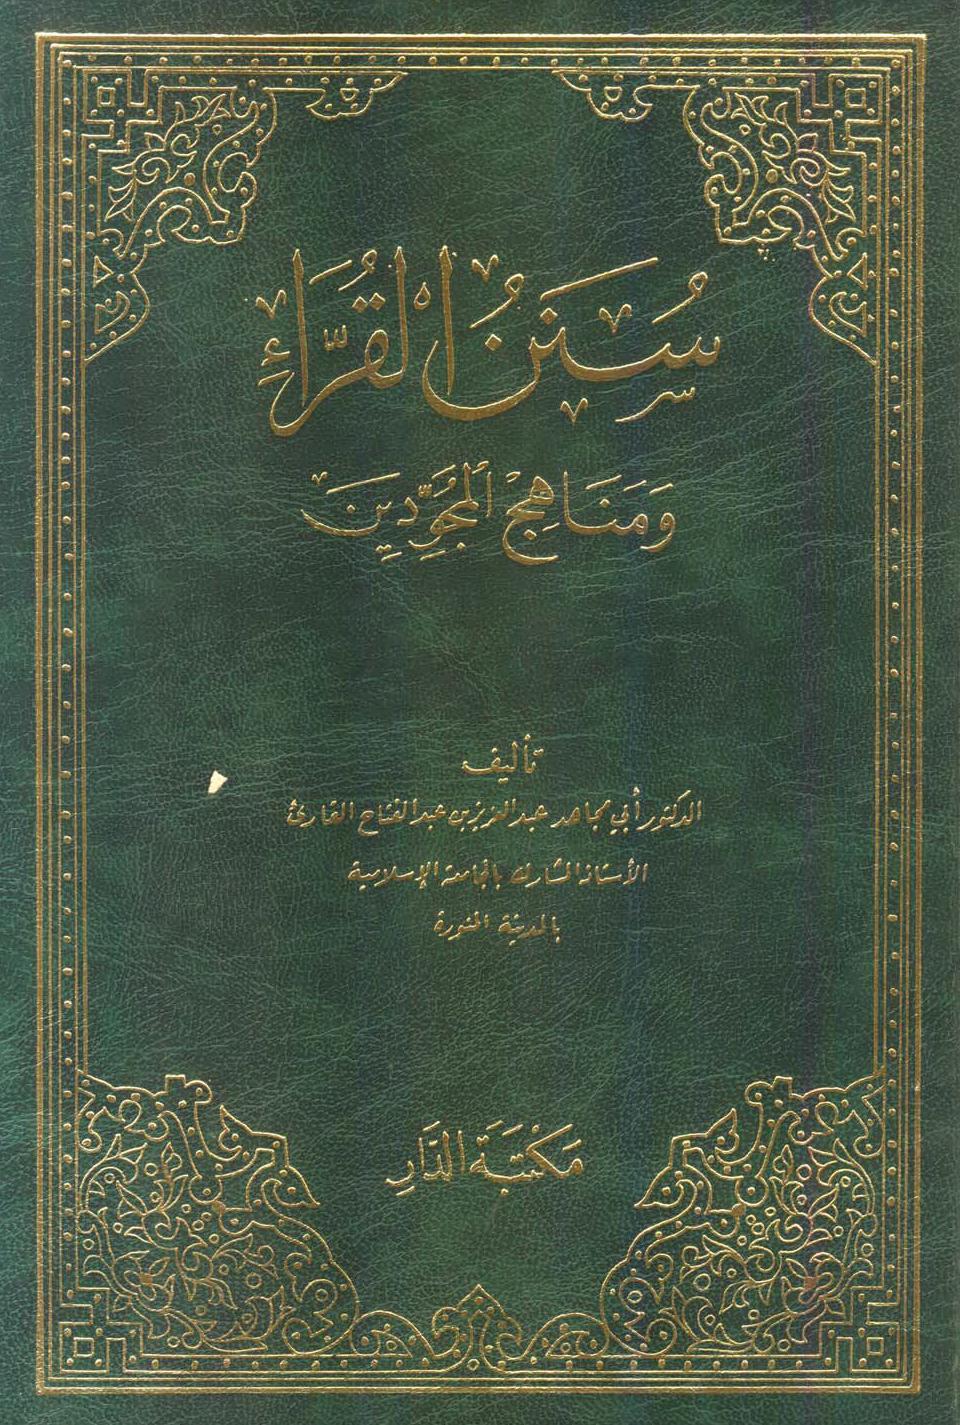 تحميل كتاب سنن القراء ومناهج المجودين لـِ: الشيخ أبو مجاهد عبد العزيز بن عبد الفتاح القارئ المدني